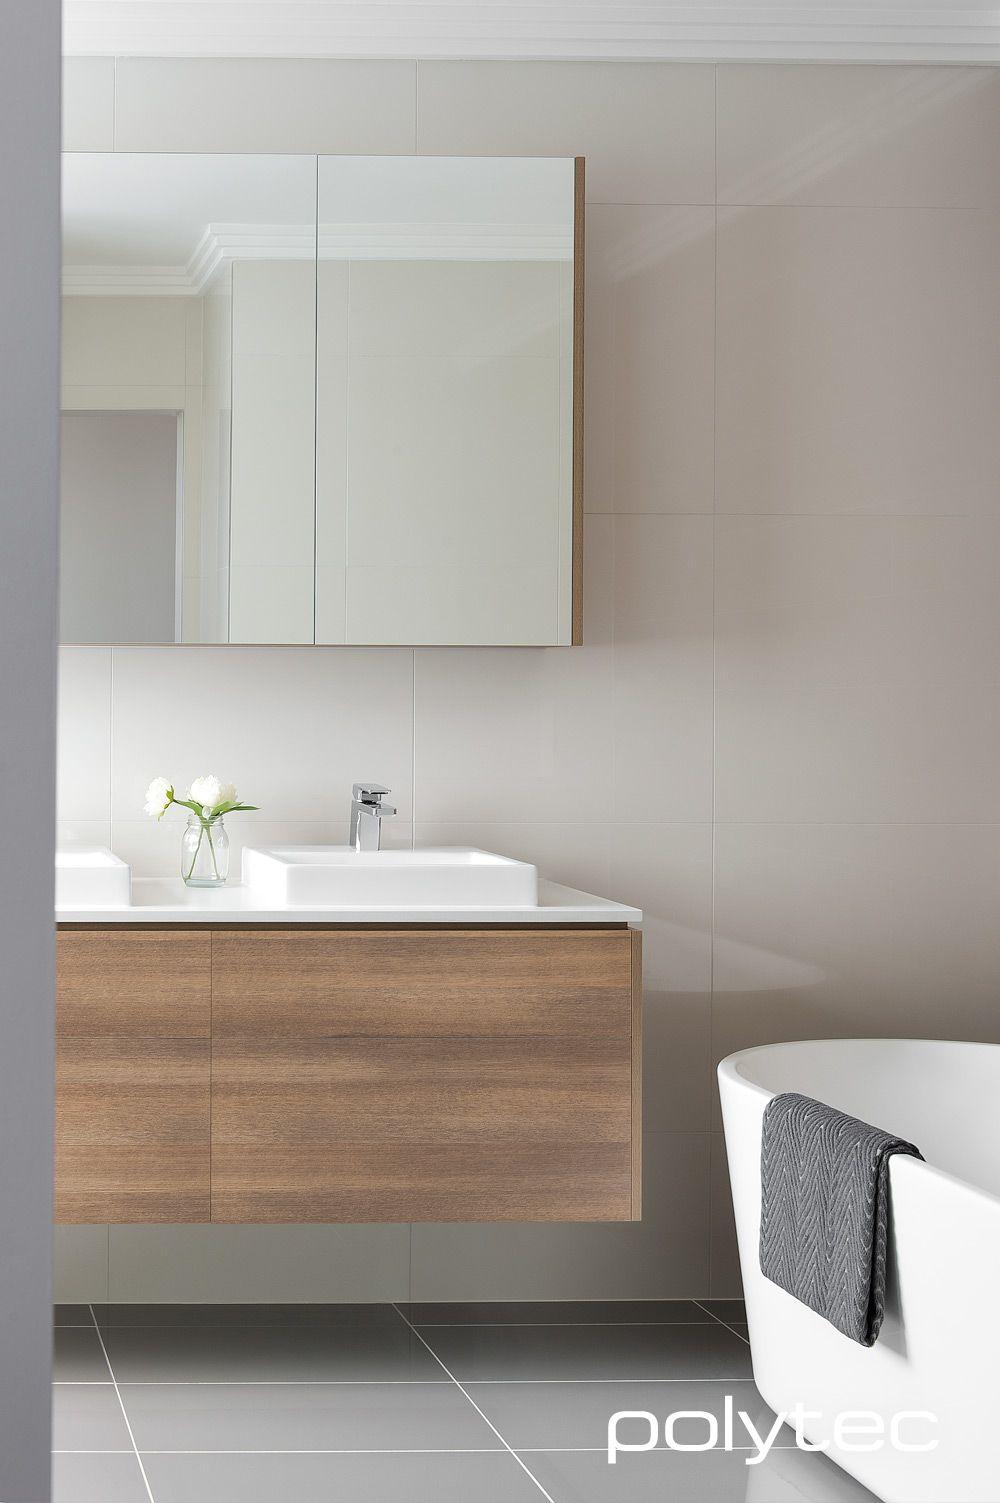 Sleek Looking Modern Bathroom Vanity In Polytec Ravine Sepia Oak